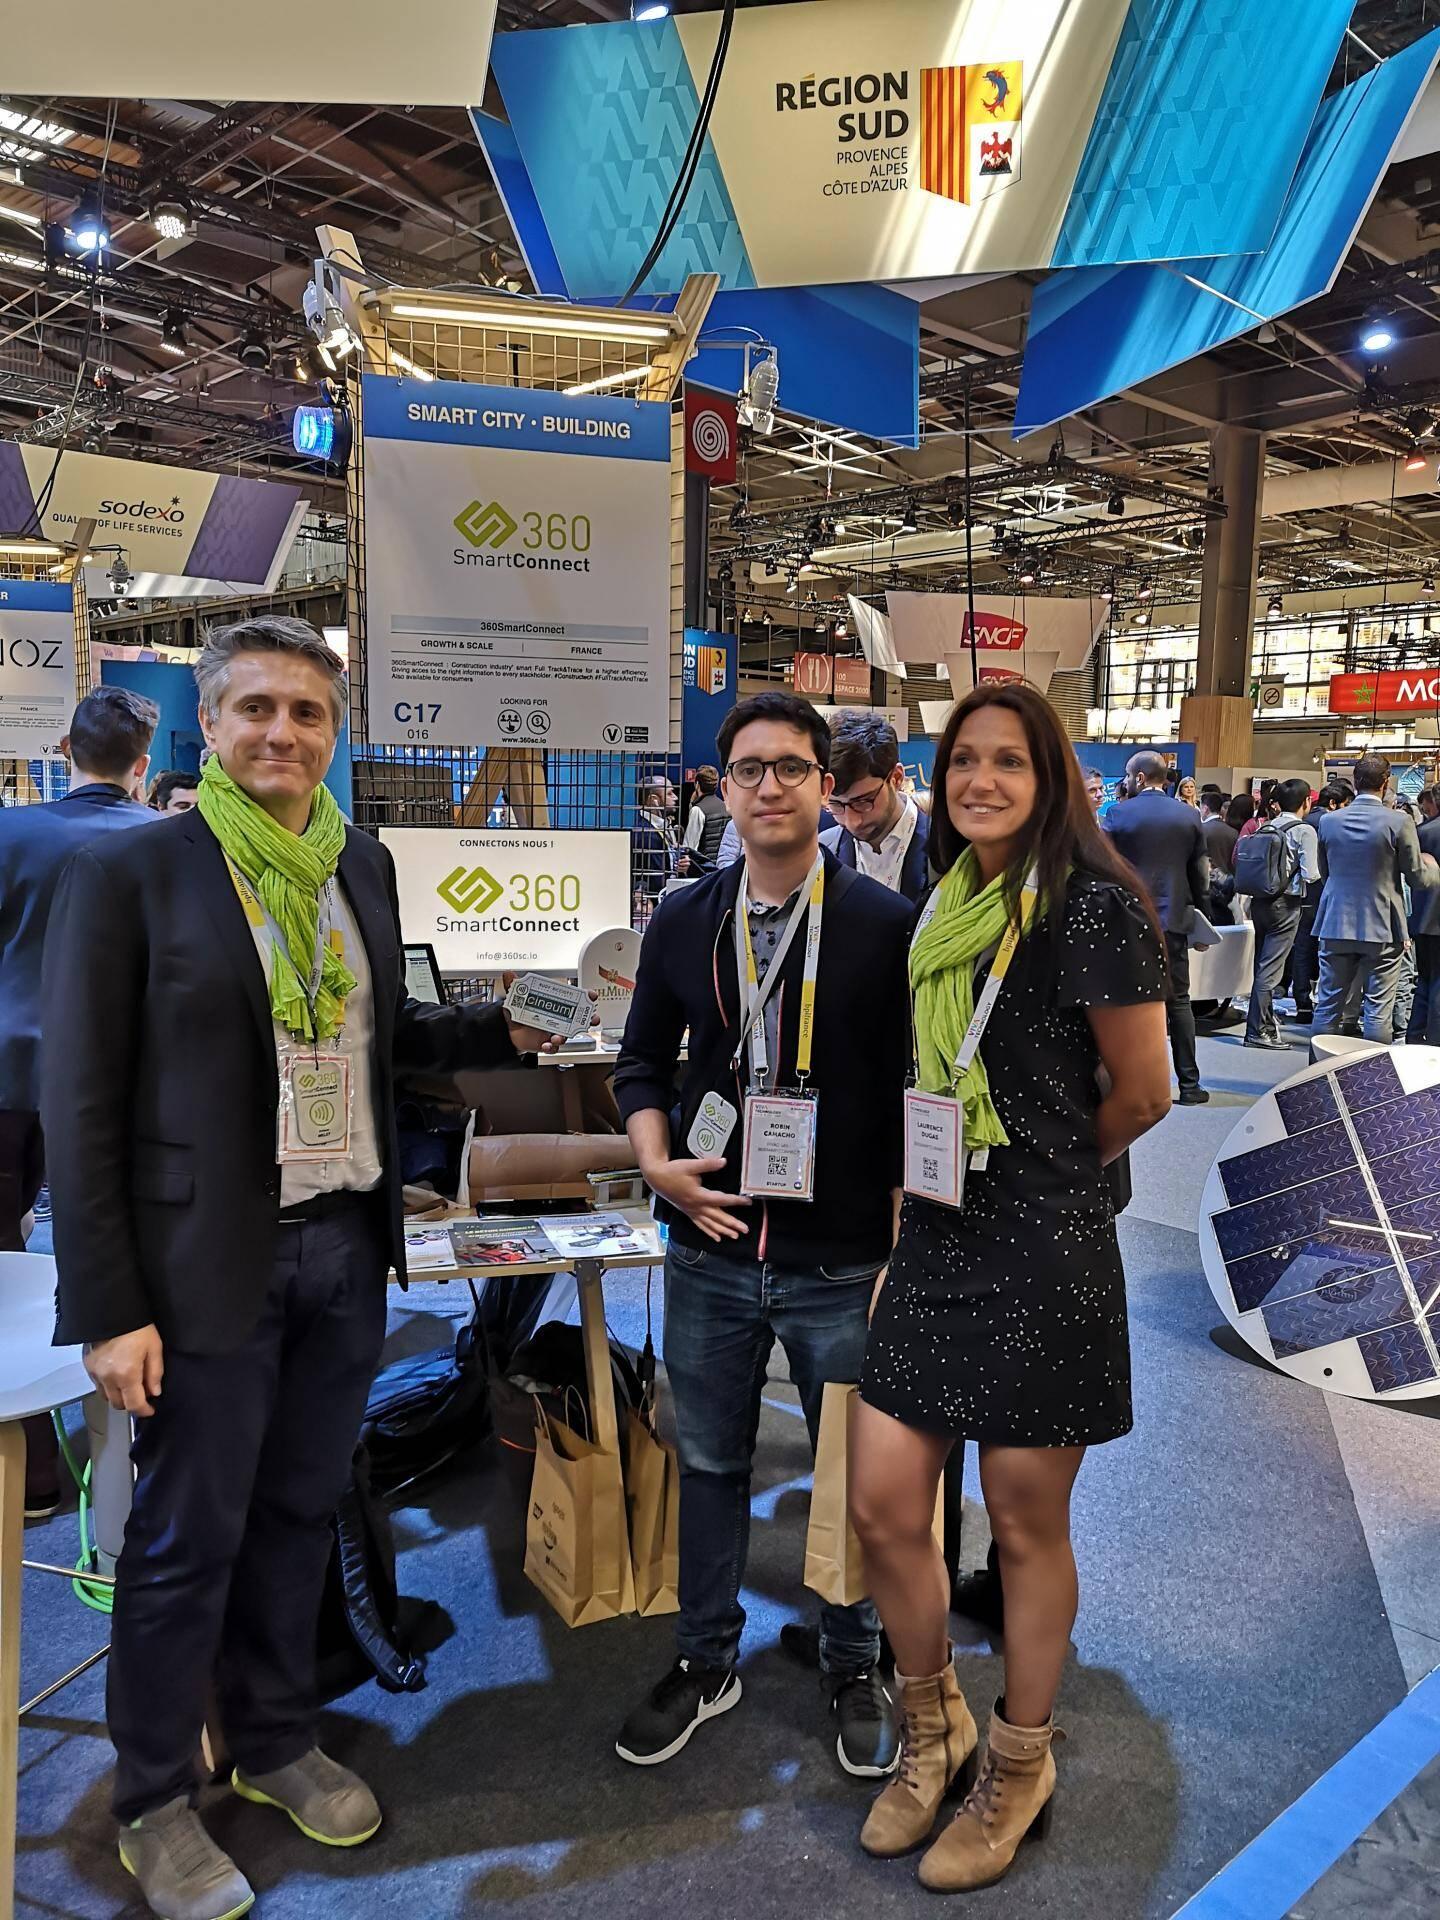 360 smart Connect fait parler les objets!